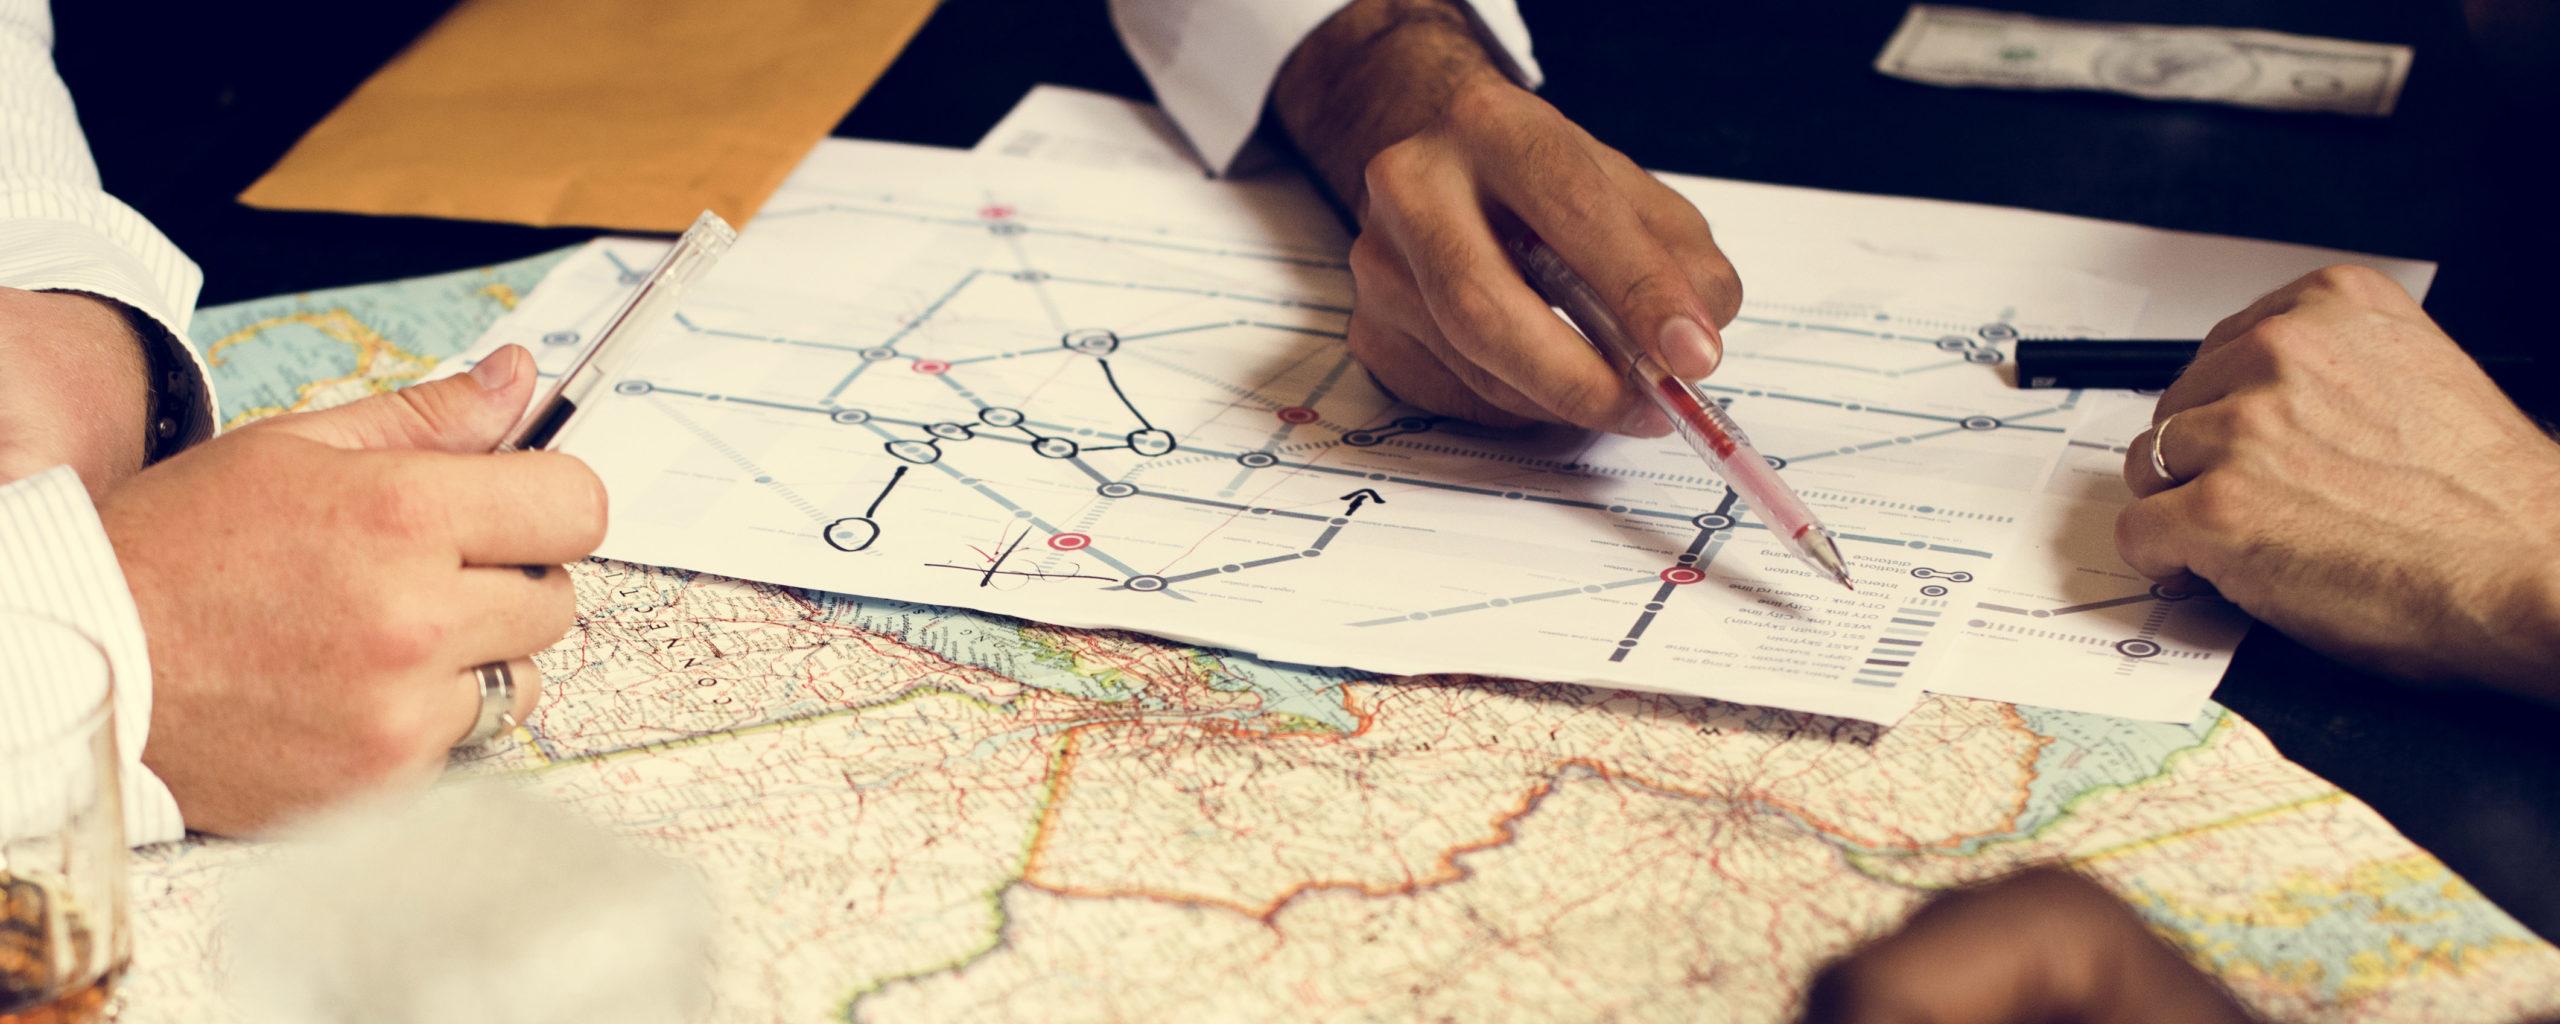 Le volontariat territorial en administration : un nouveau dispositif pour accompagner les projets des territoires ruraux